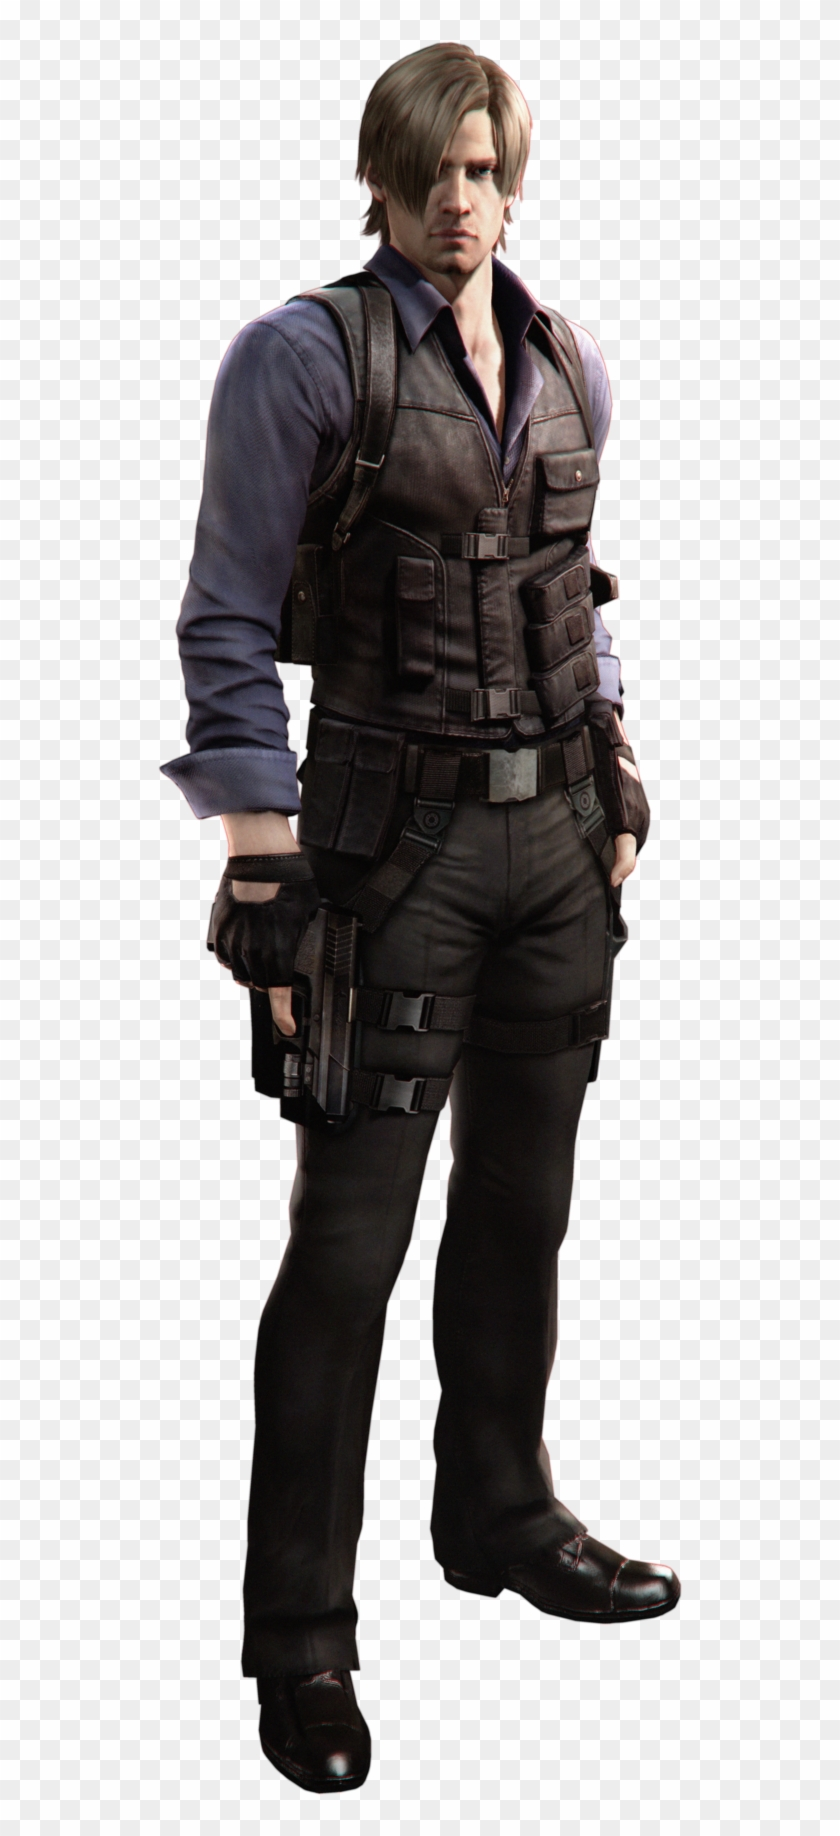 Resident Evil 6 Leon Png Leon Kennedy Resident Evil 6 Clipart